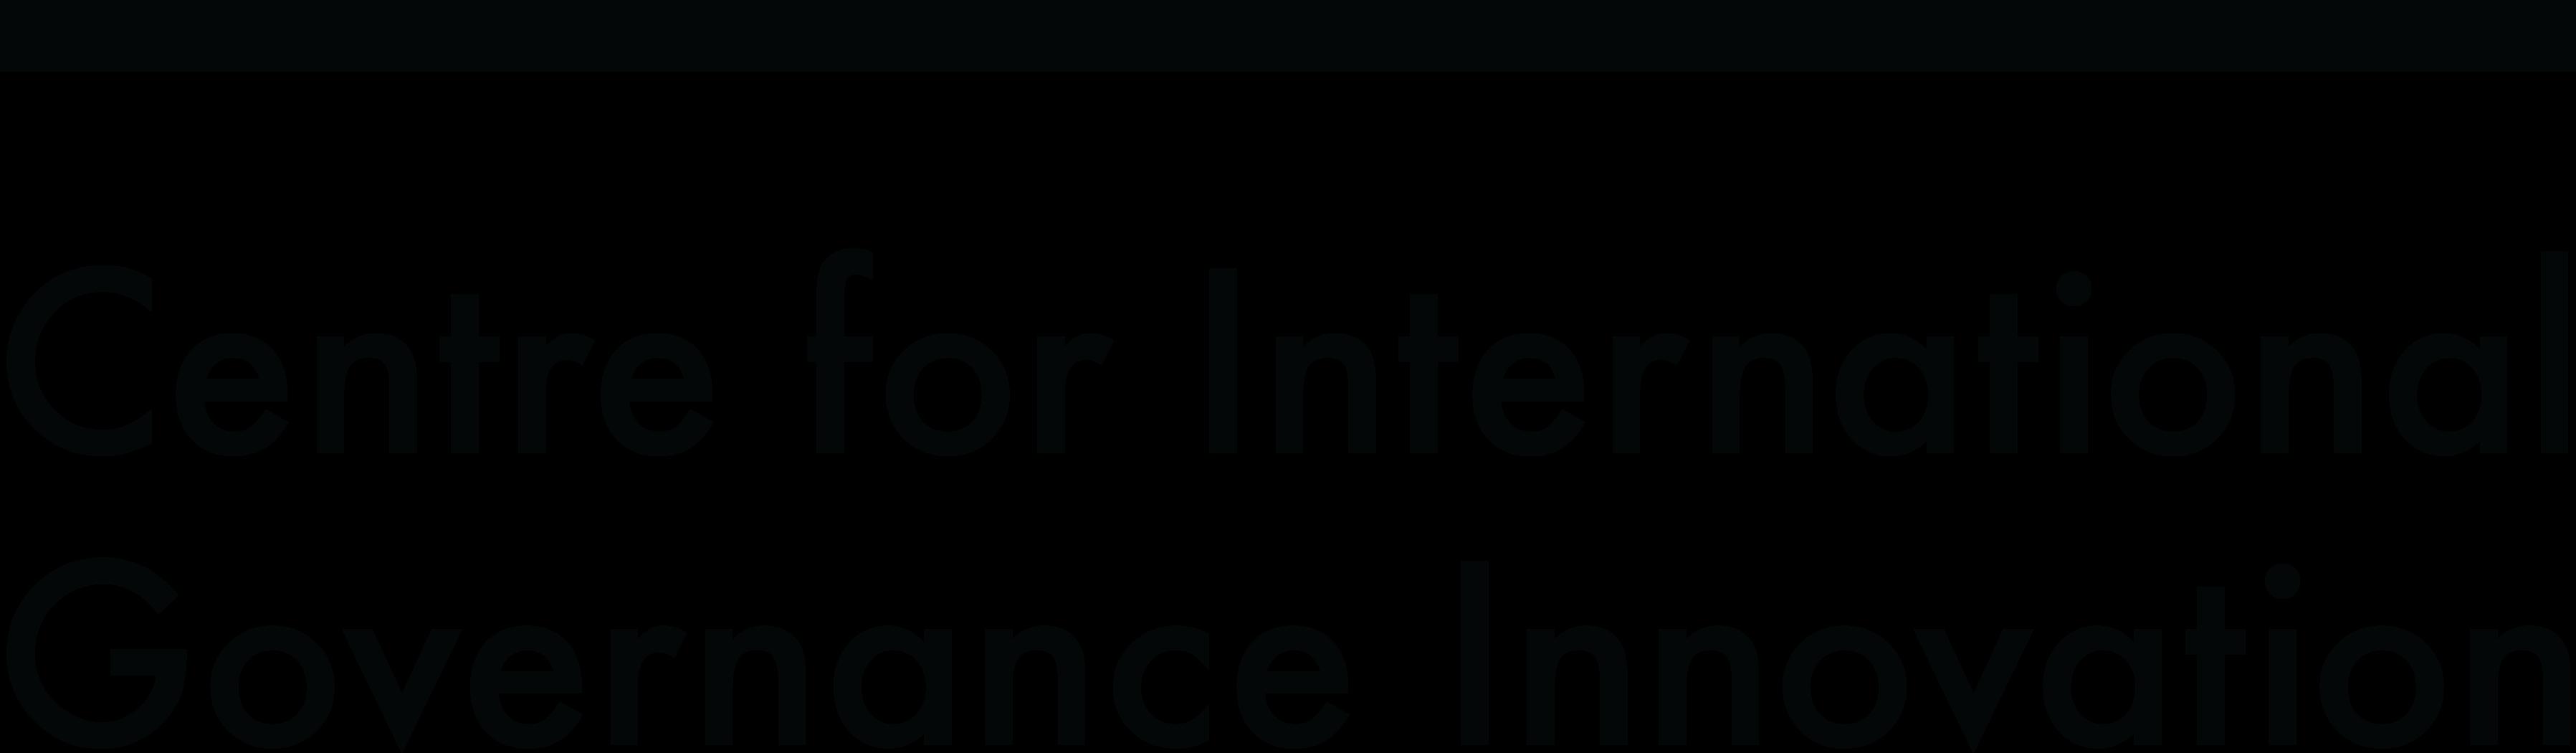 FWD50 Sponsor - Center for International Governance Innovation